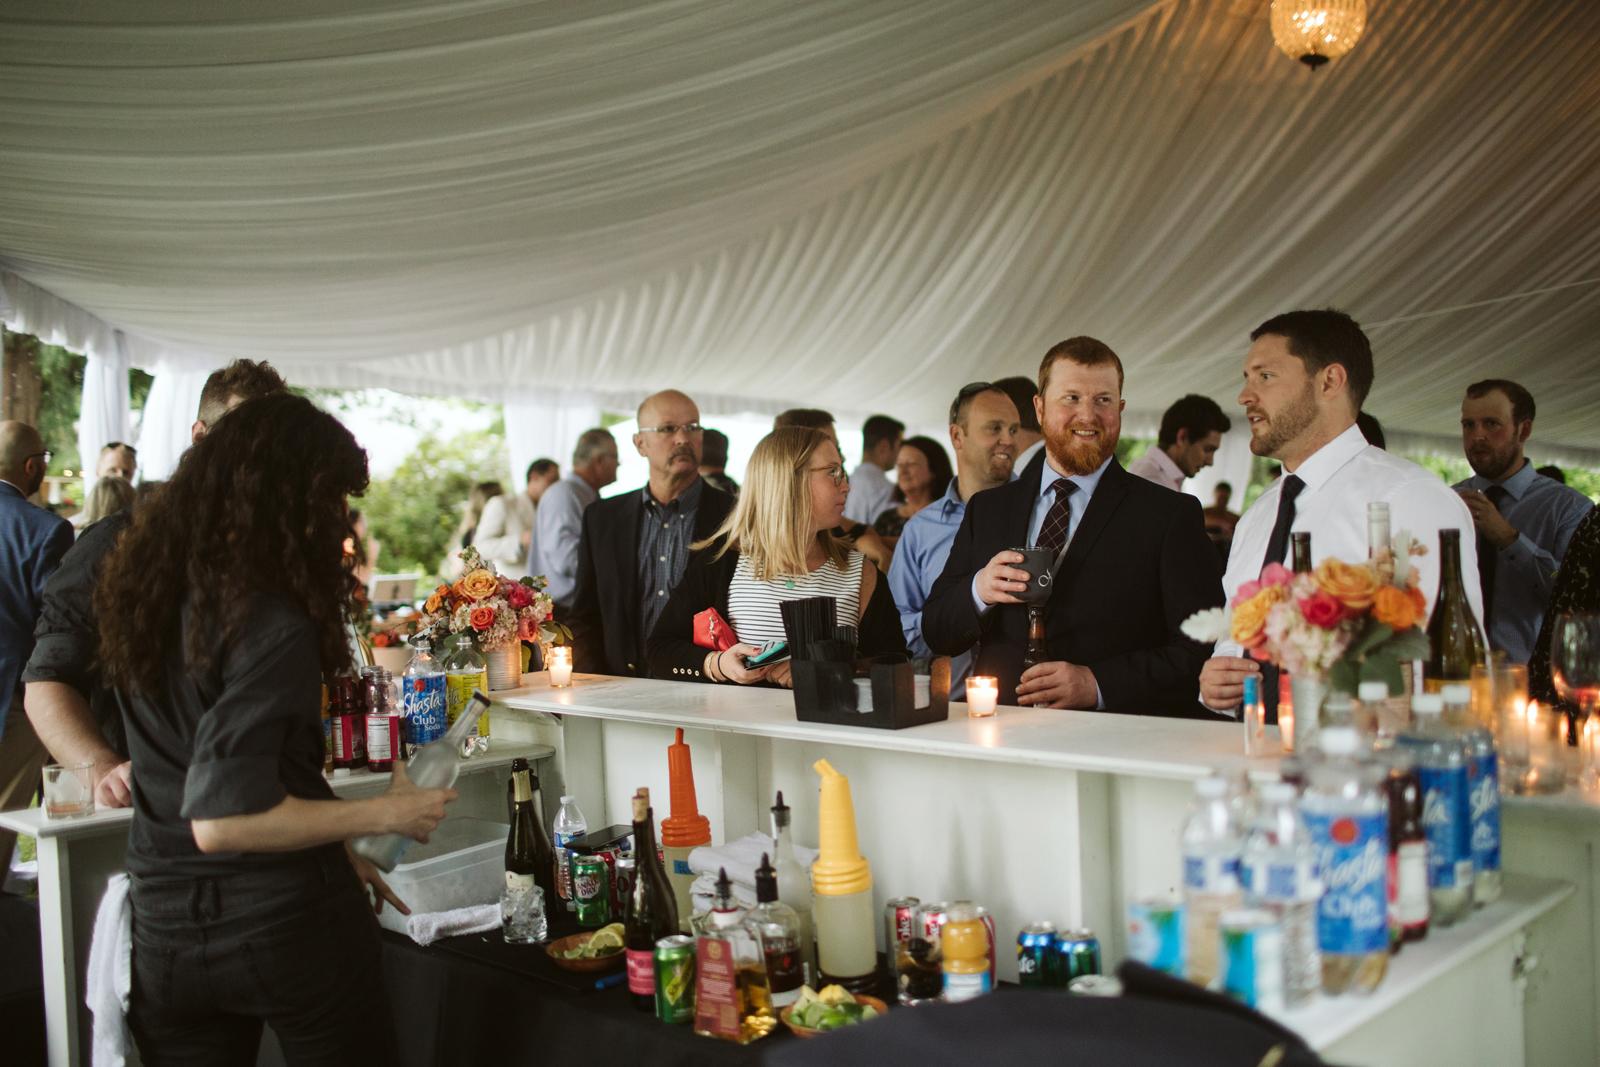 120-daronjackson-gabby-alec-wedding.jpg